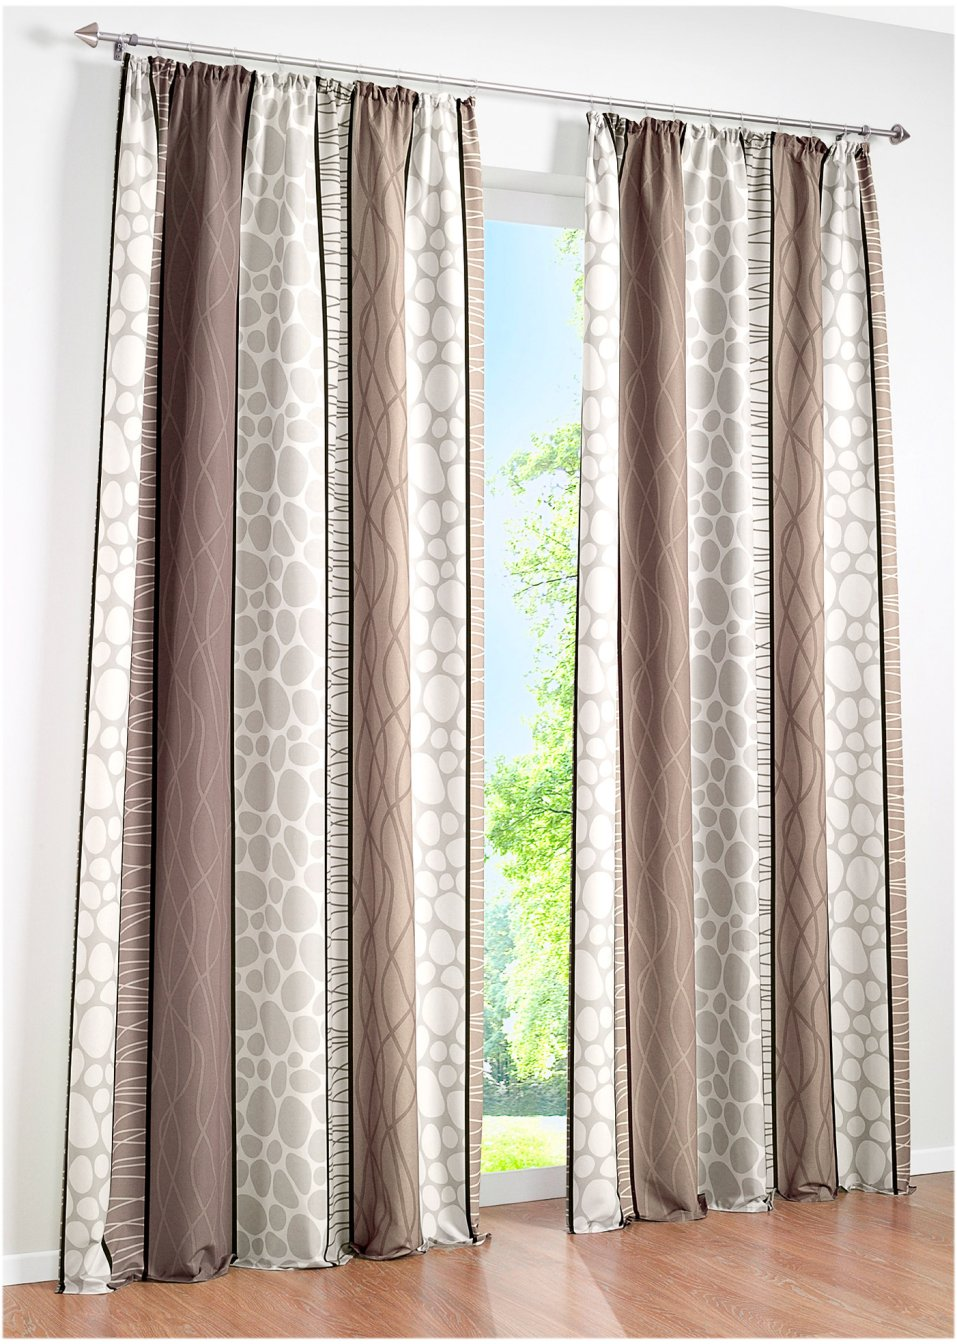 sch nes und zeitloses design mit dem bedruckten vorhang. Black Bedroom Furniture Sets. Home Design Ideas